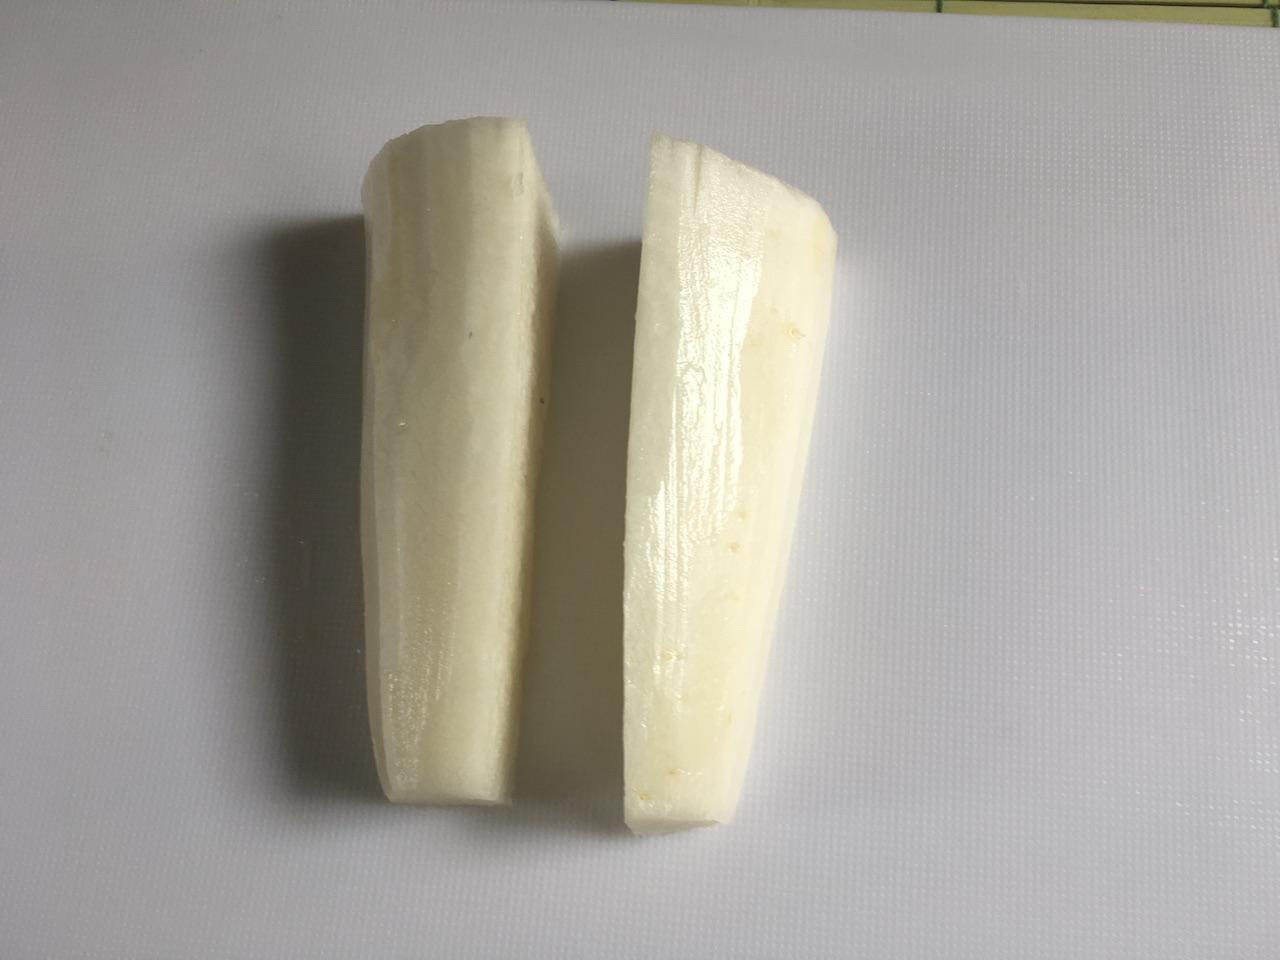 大根を皮を剥いて縦長に2等分、または4等分に切る。